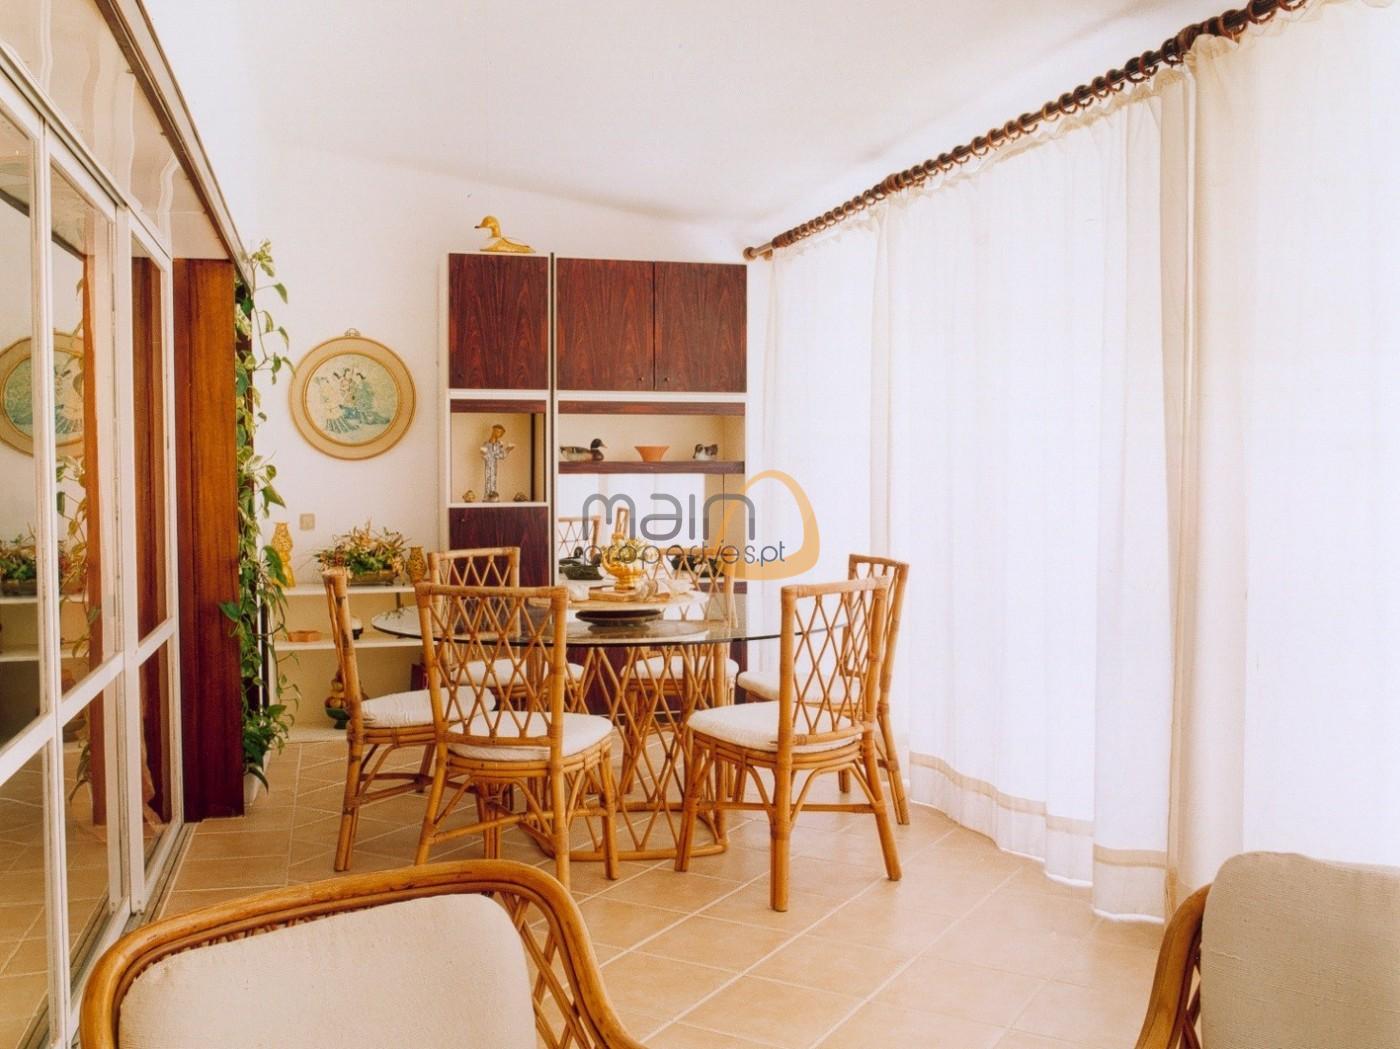 Moradia com 5 quartos próxima da praia de Vale do Lobo PC336